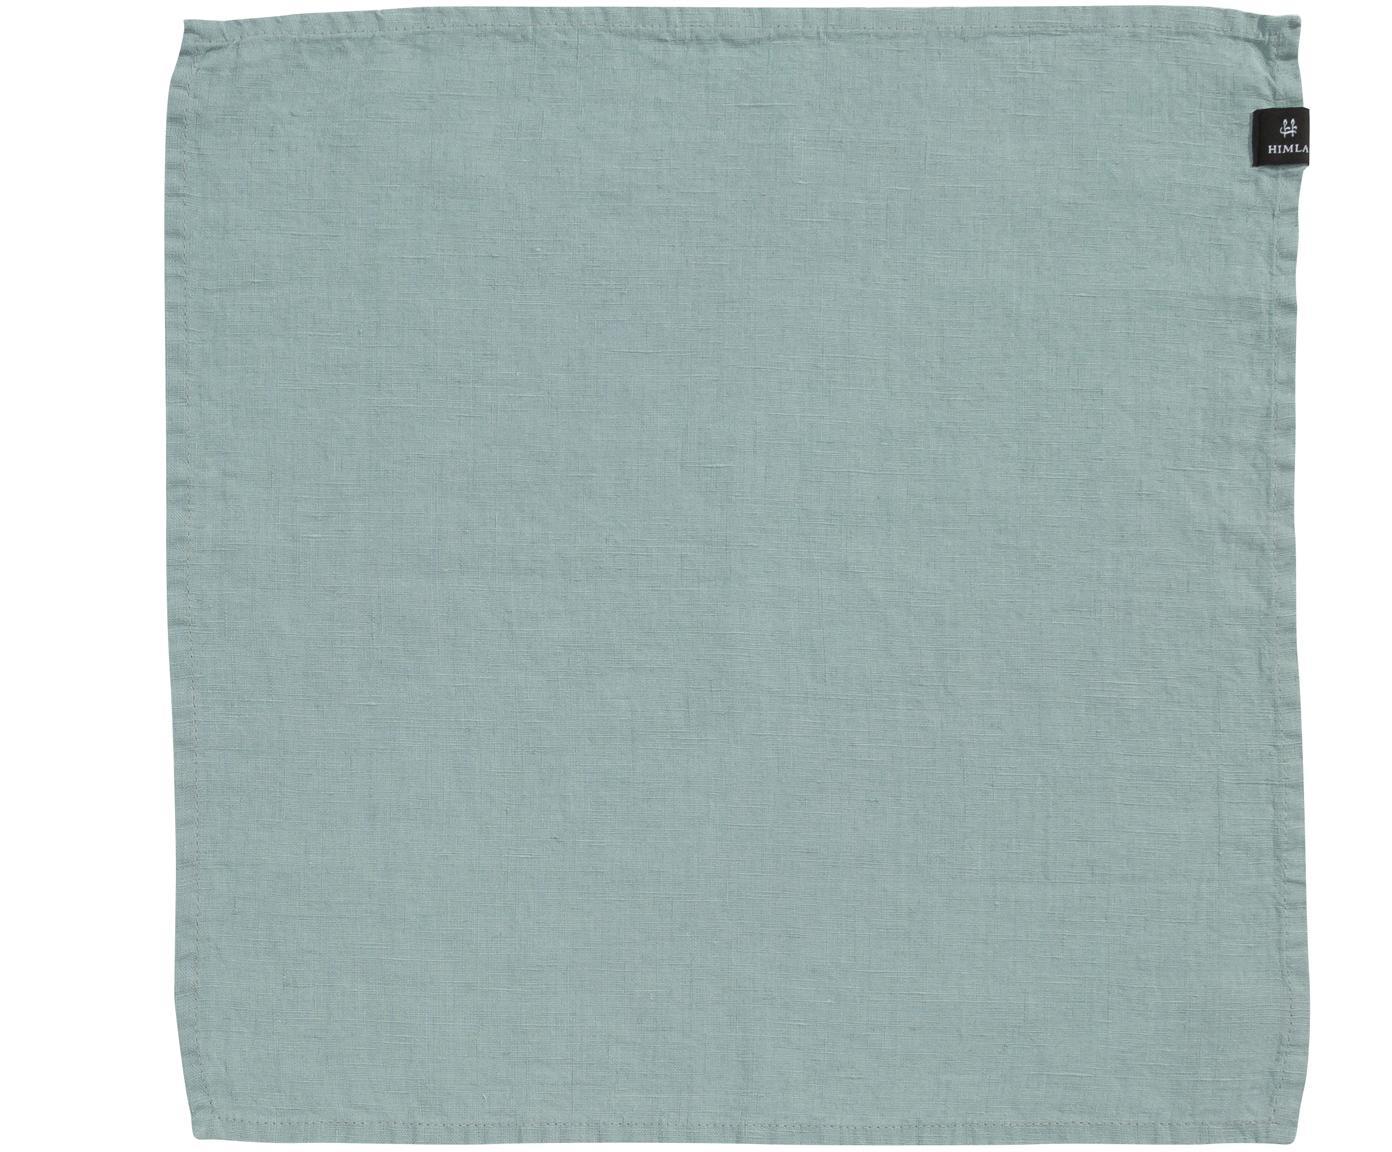 Serwetka z lnu Sunshine, 4 szt., Len, Morski, D 45 x S 45 cm